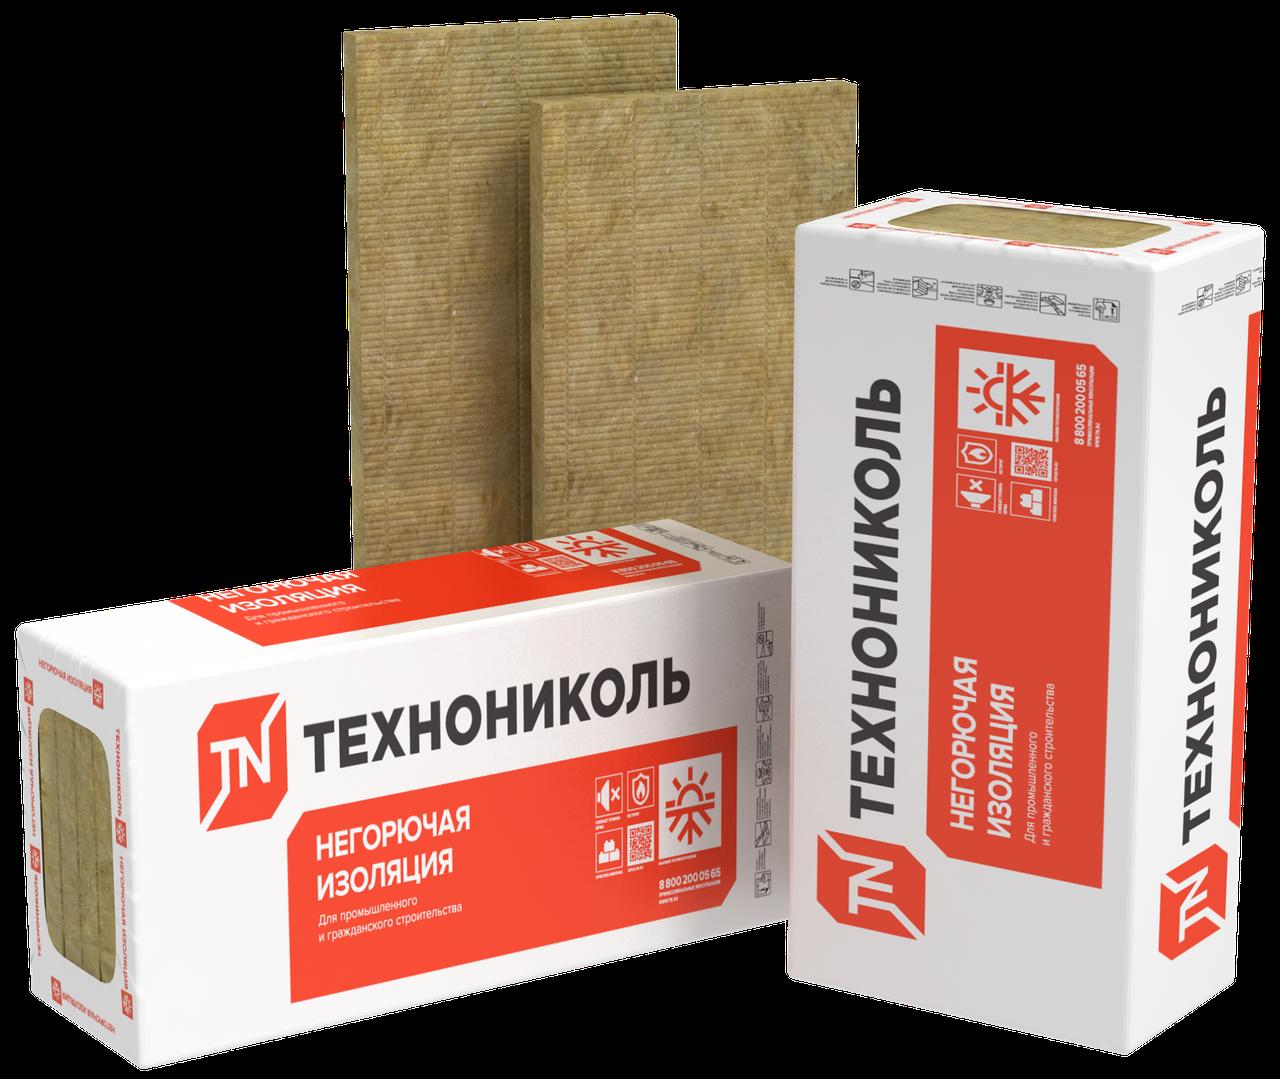 Вата мінеральна Sweetondale Техноруф 45, 140 кг/куб.м 120 мм